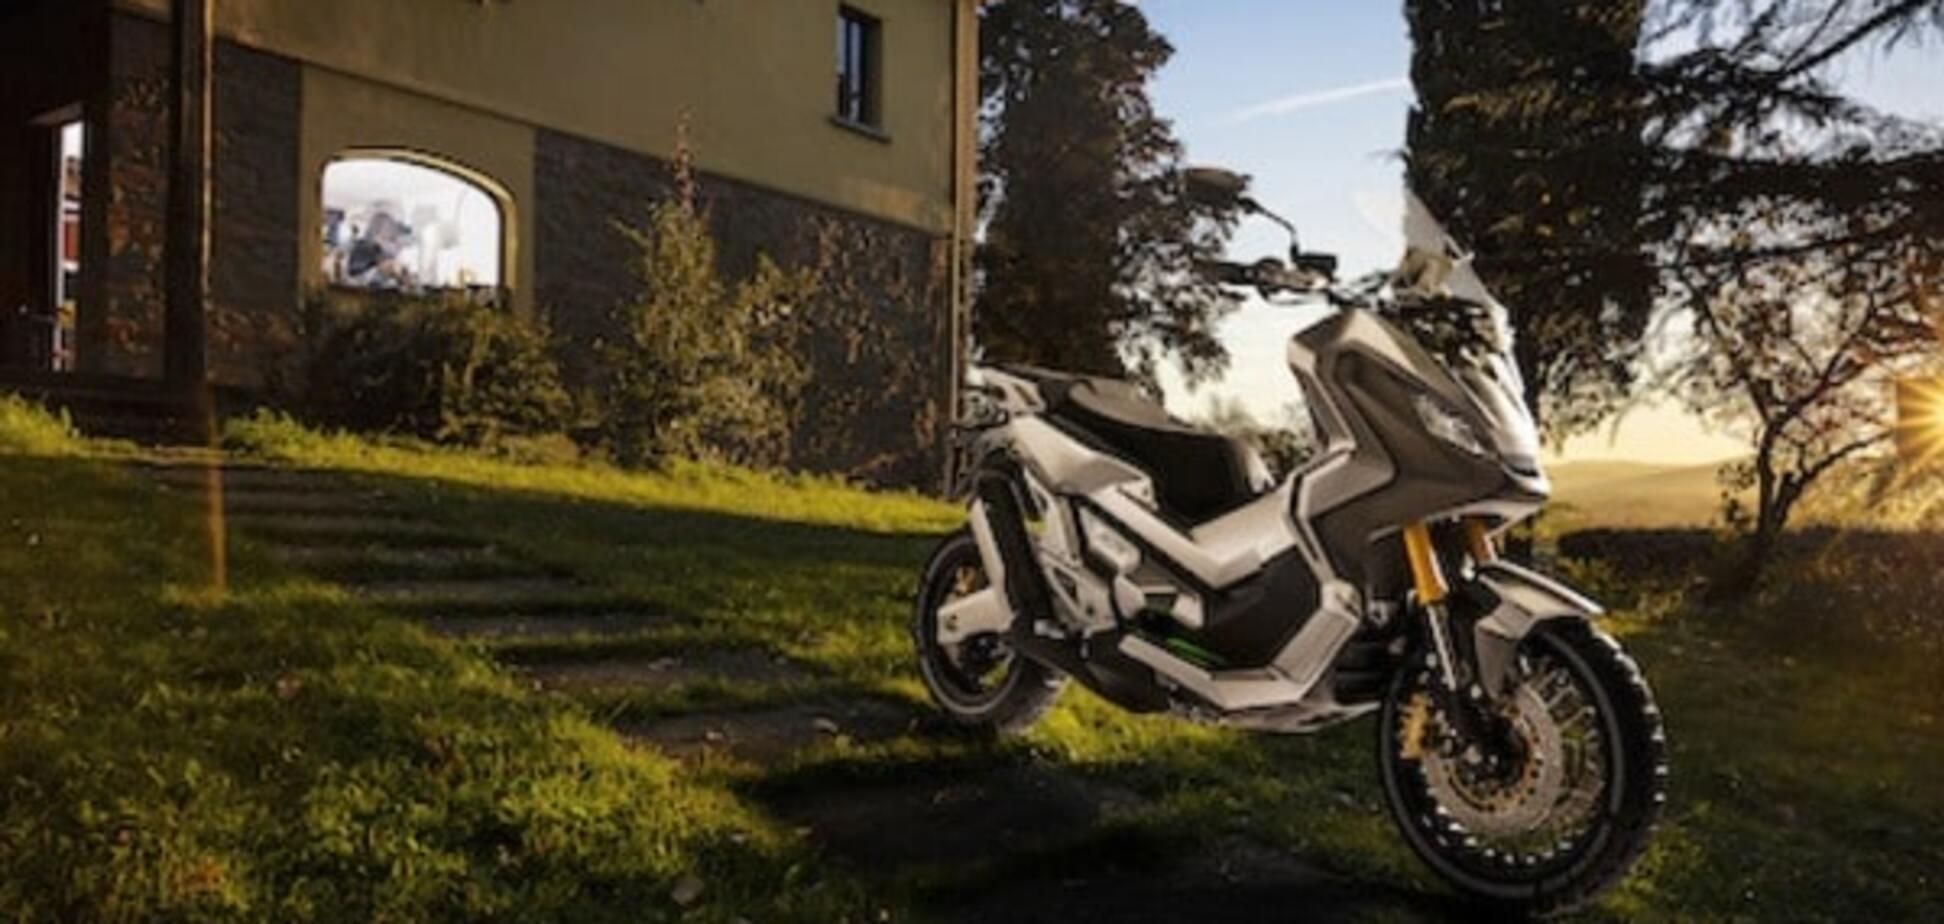 Японцы обнародовали видеотизер вседорожного скутера Honda ADV: видеофакт